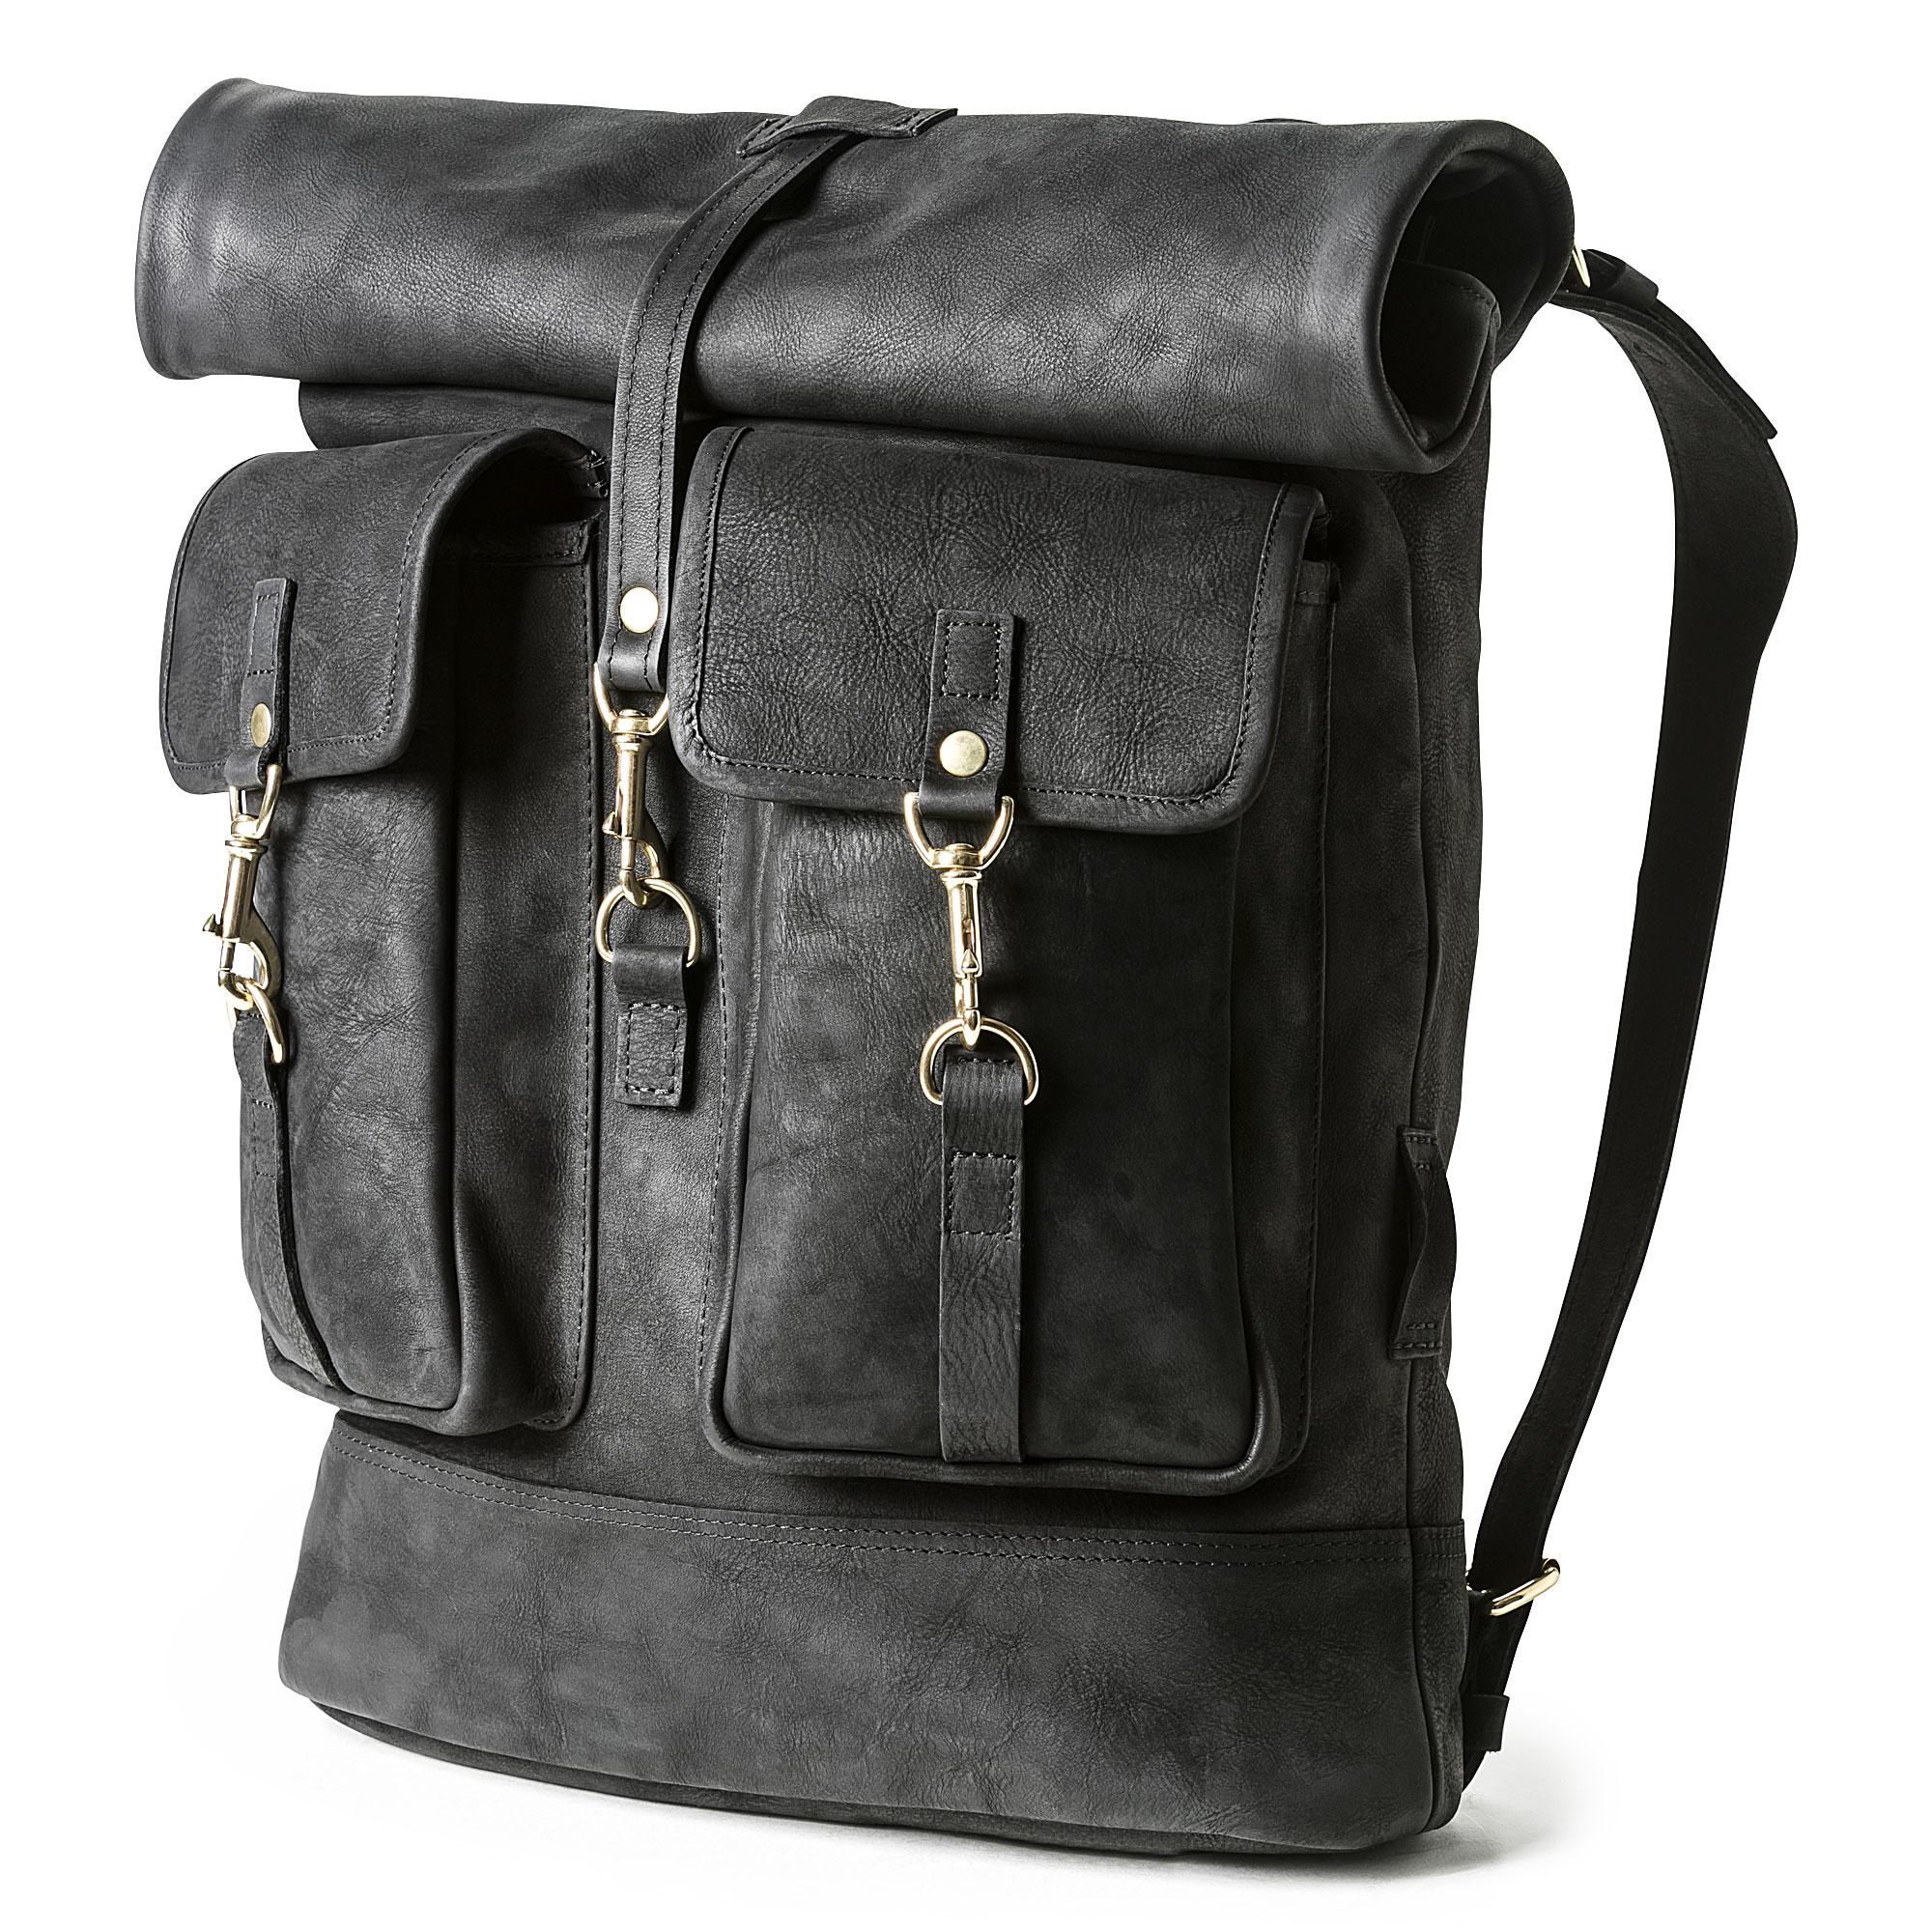 054d51cdab Bag Zurich Black